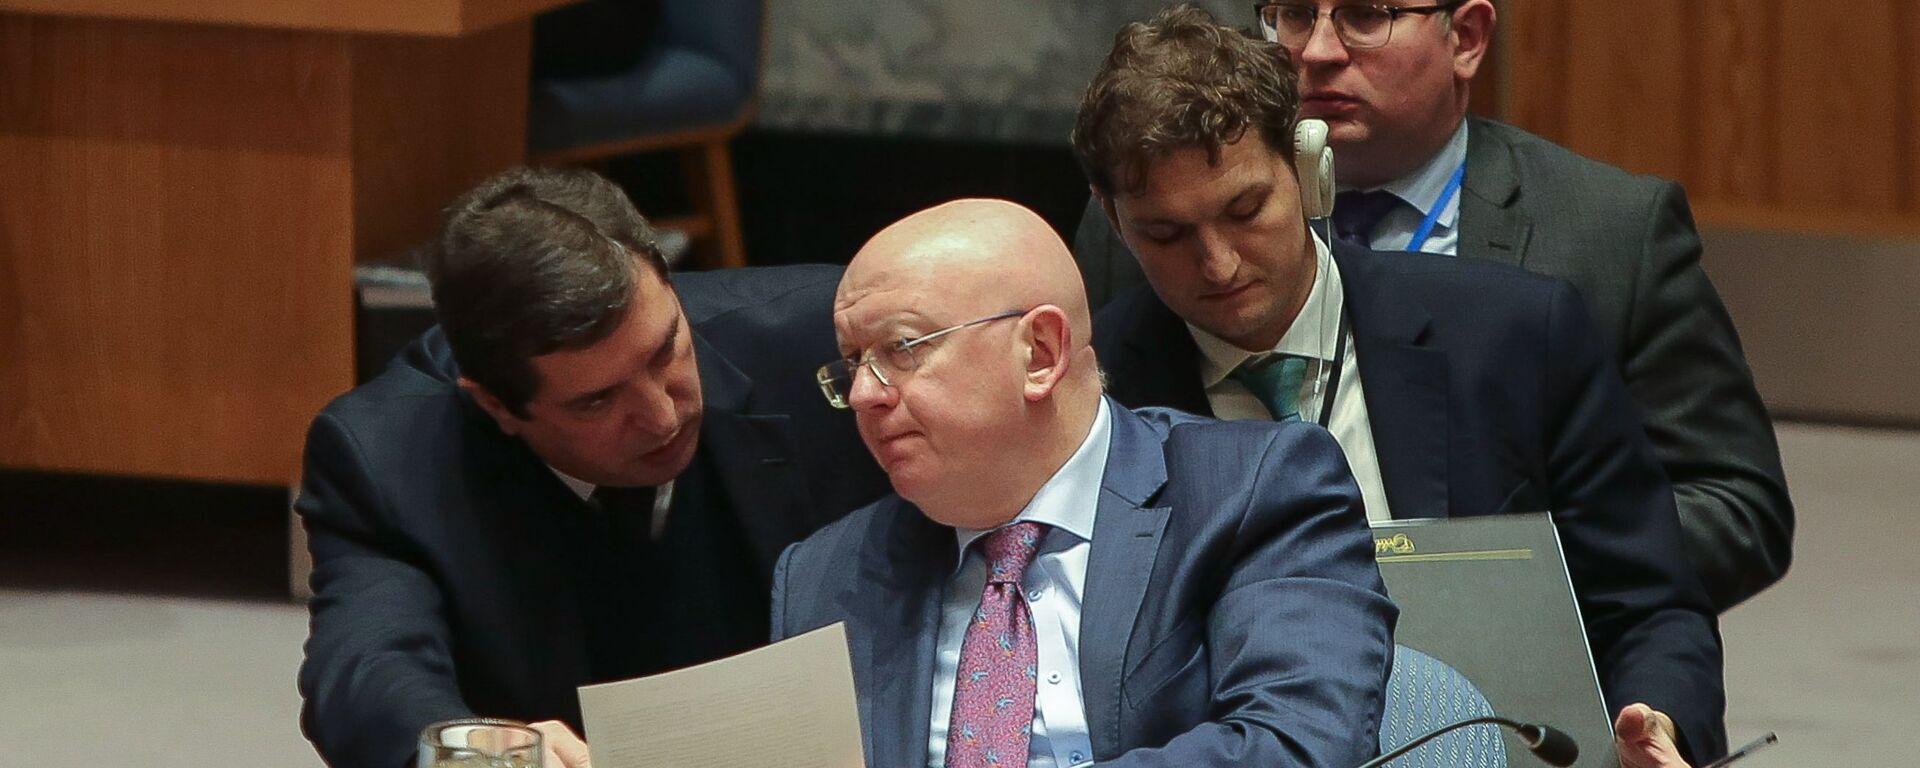 UN: Belgijsko-nemački predlog o pomoći Siriji prošao, isti takav ruski – odbijen dva puta - Sputnik Srbija, 1920, 22.07.2021